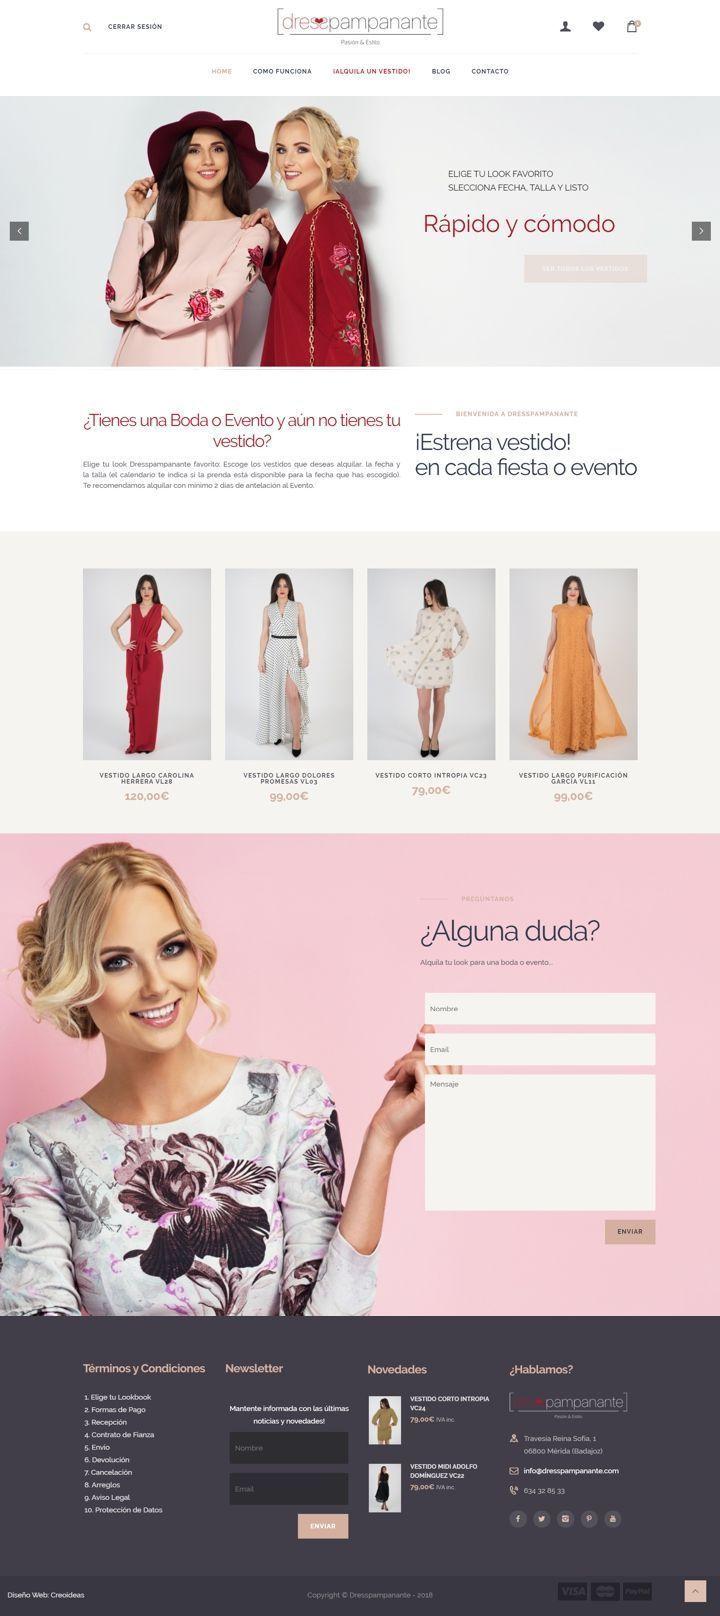 Dresspampanante. Tienda Online de Alquiler de vestidos para Bodas y Eventos